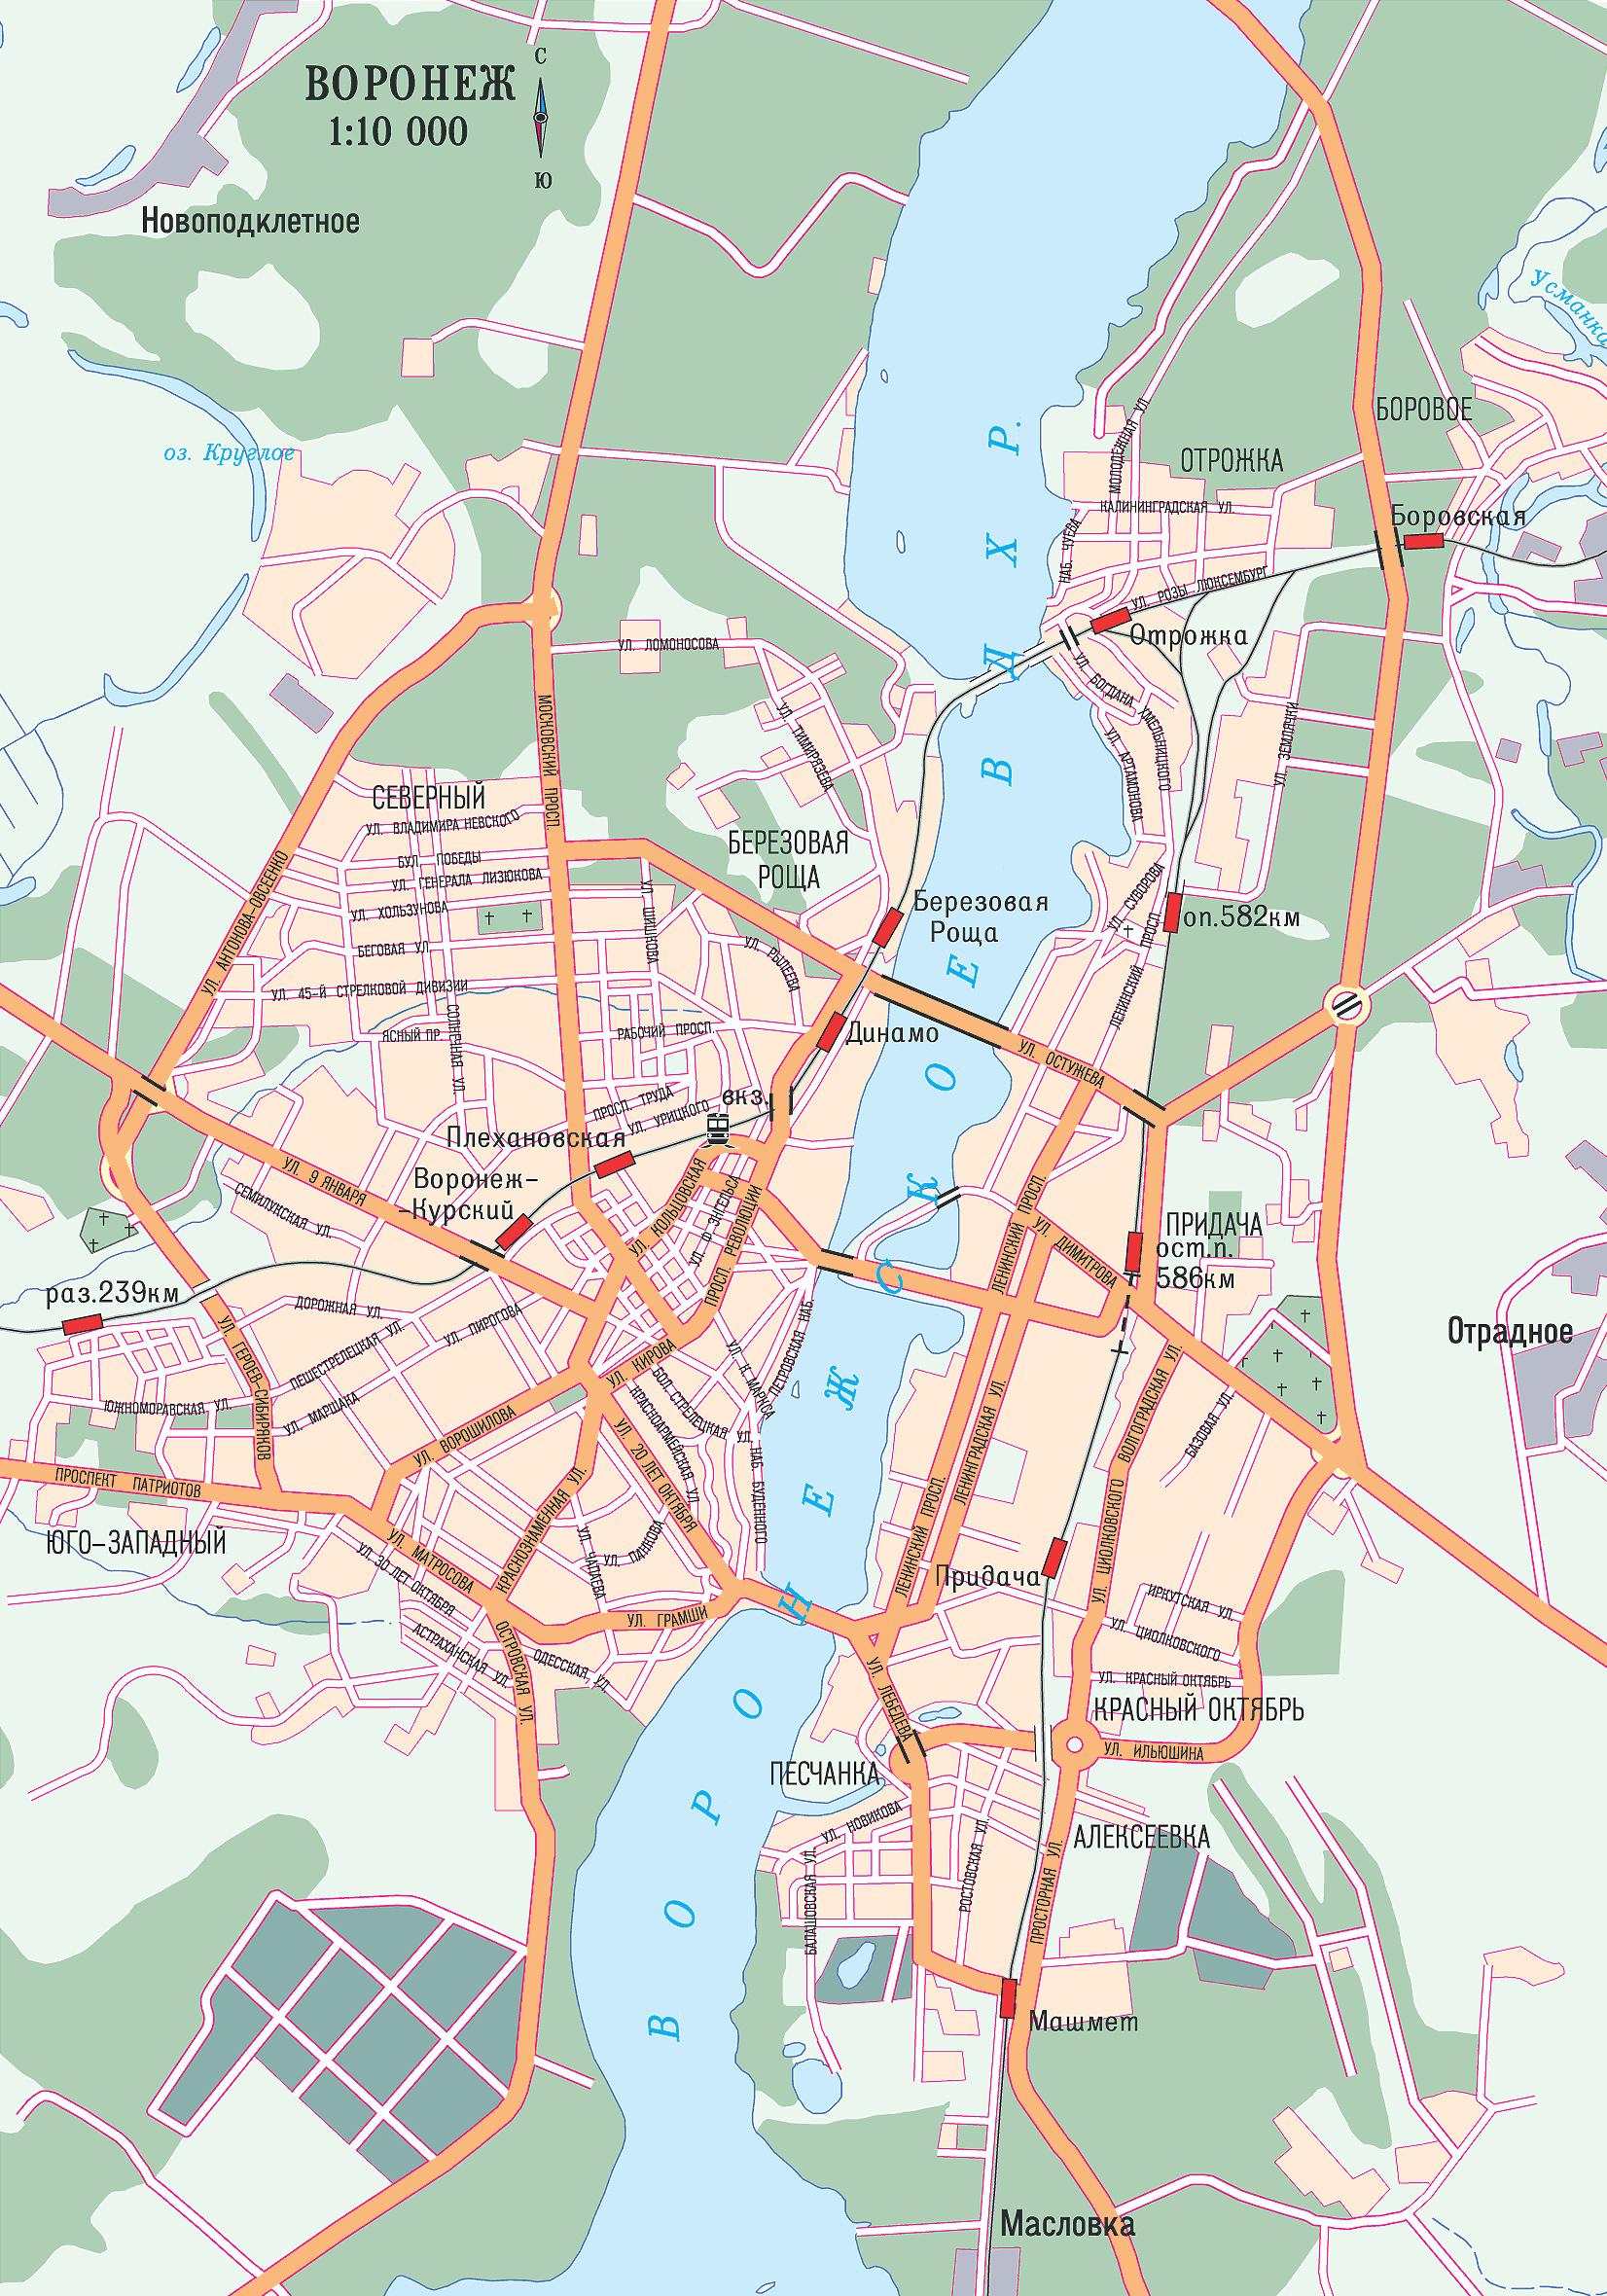 Карта автомобильных дорог Воронежа. Подробная карта ...: http://www.raster-maps.com/map-of-russia-137/